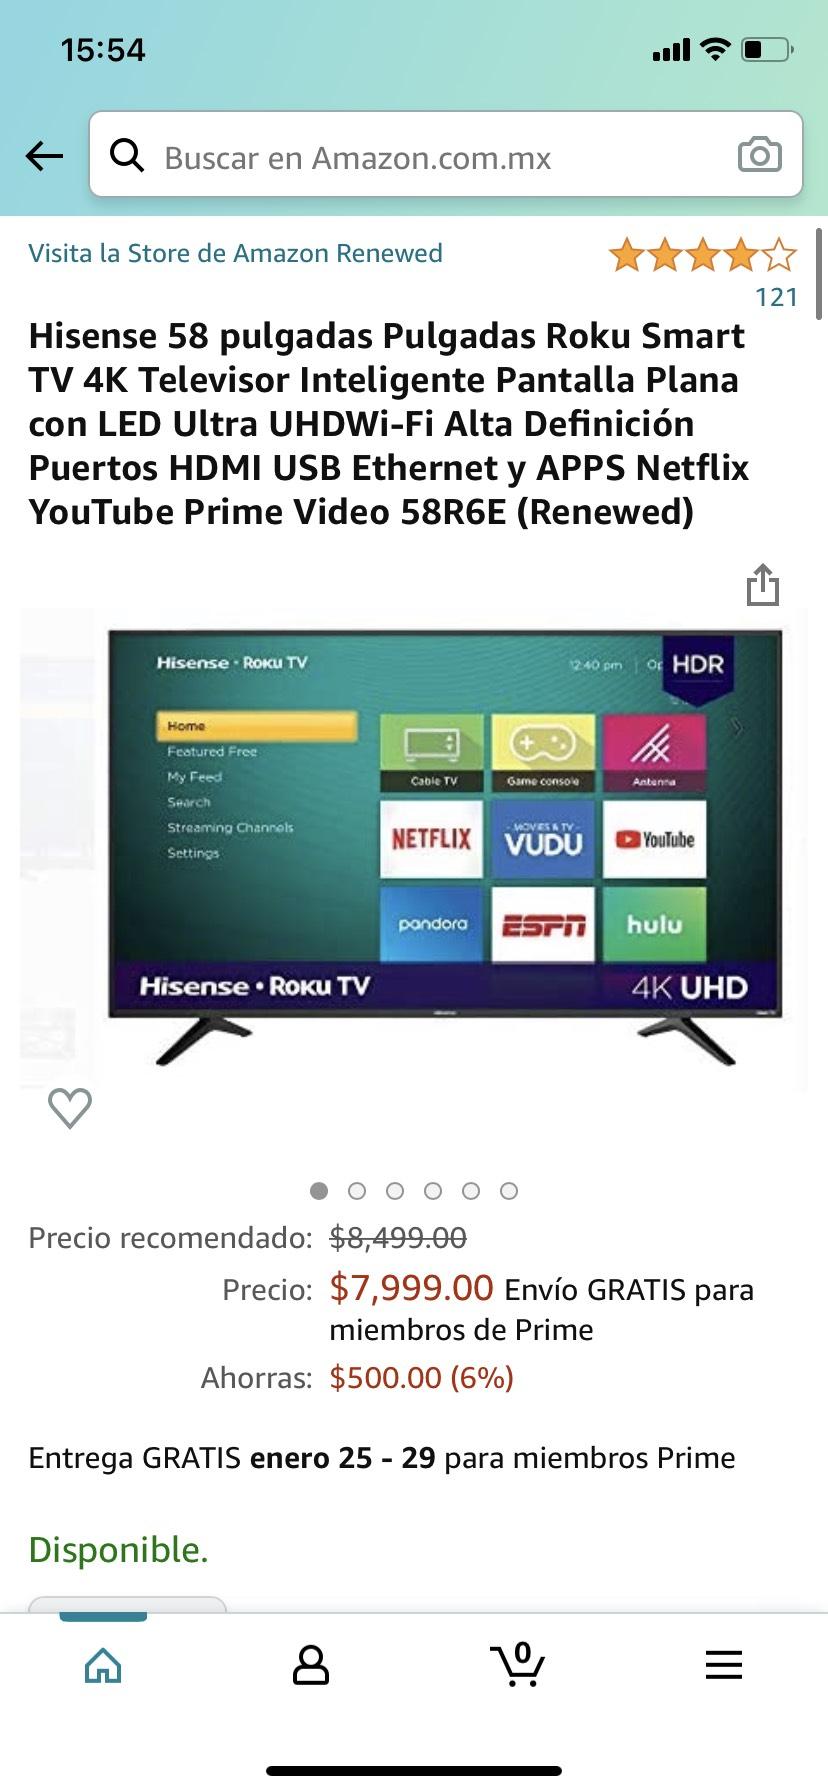 Amazon: Hisense 58 4K renewed